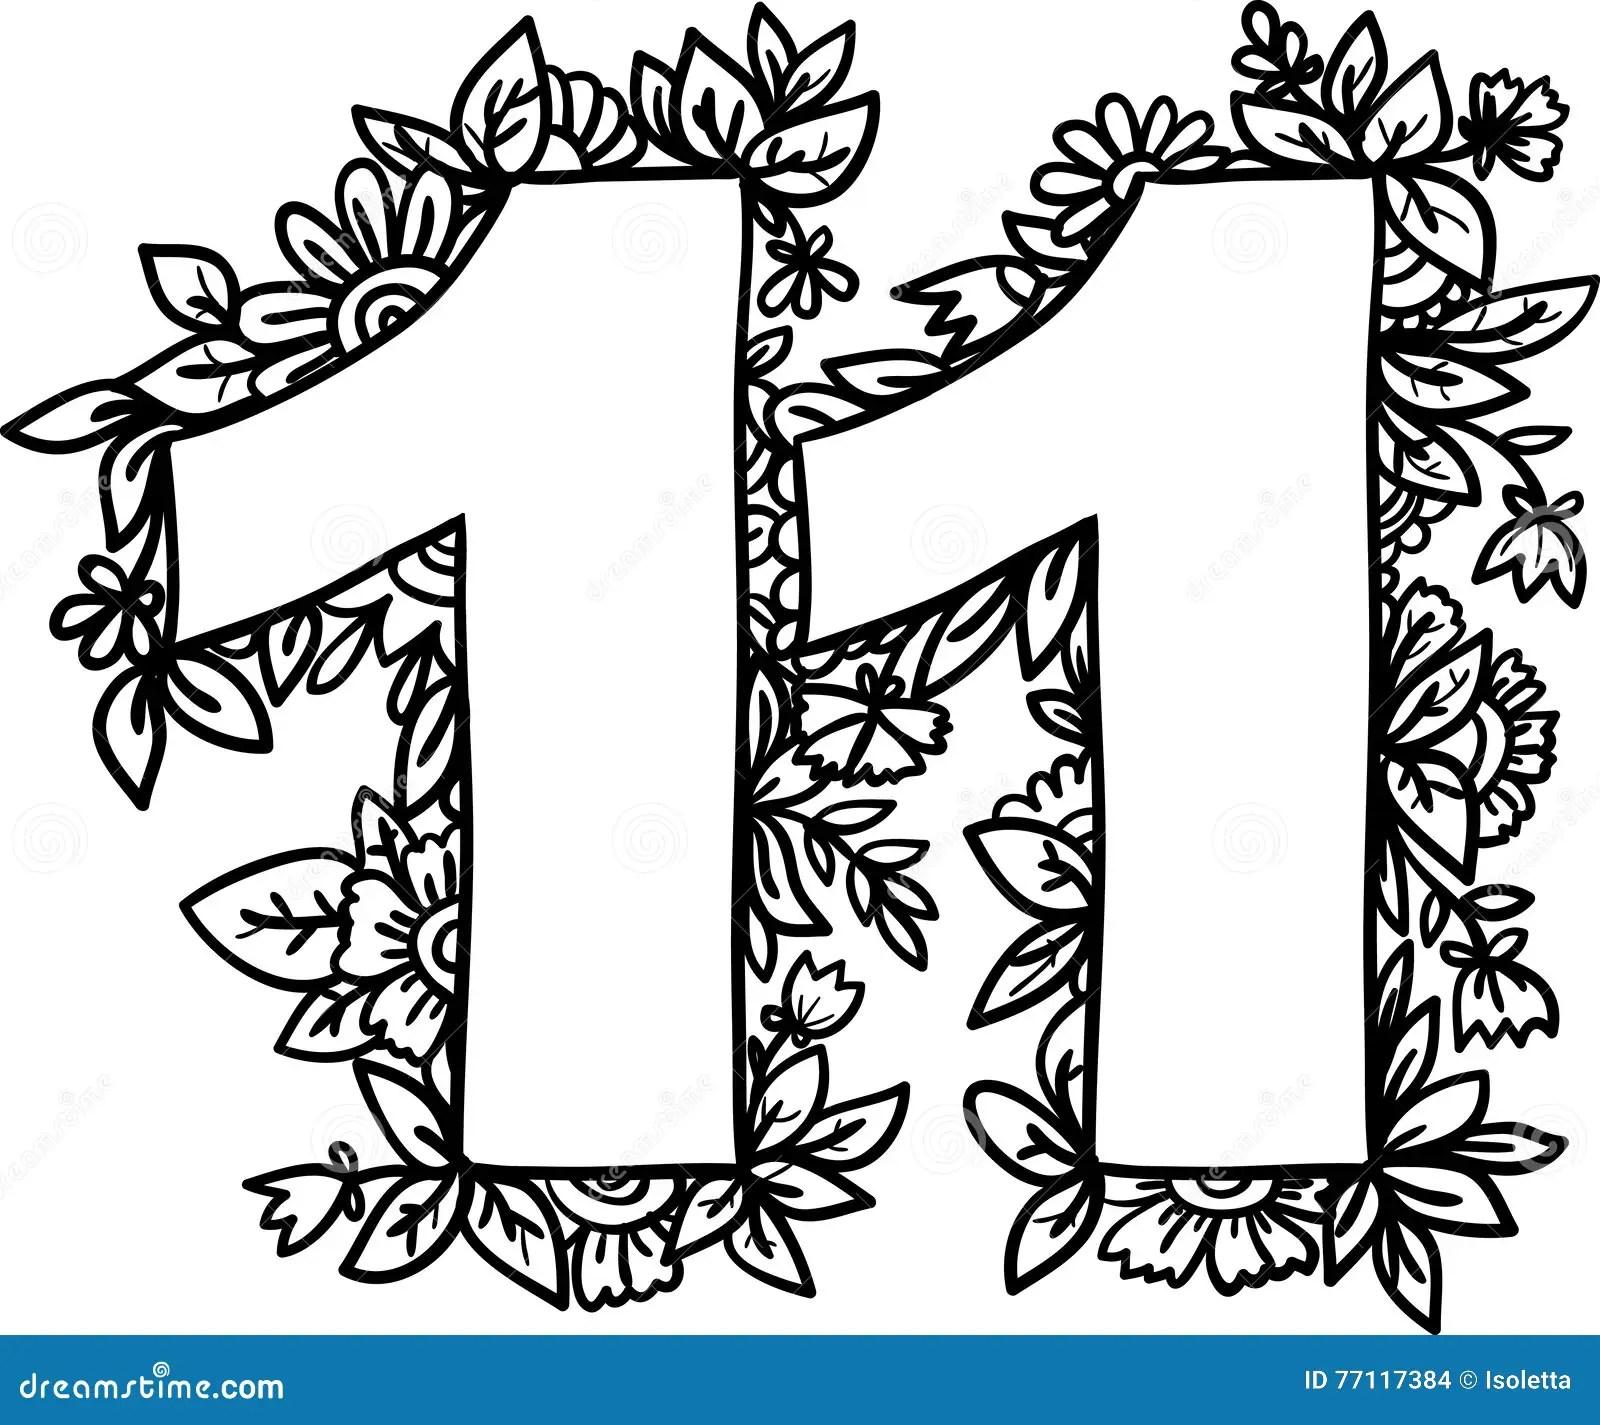 Number 11 Vector Design Element Stock Vector